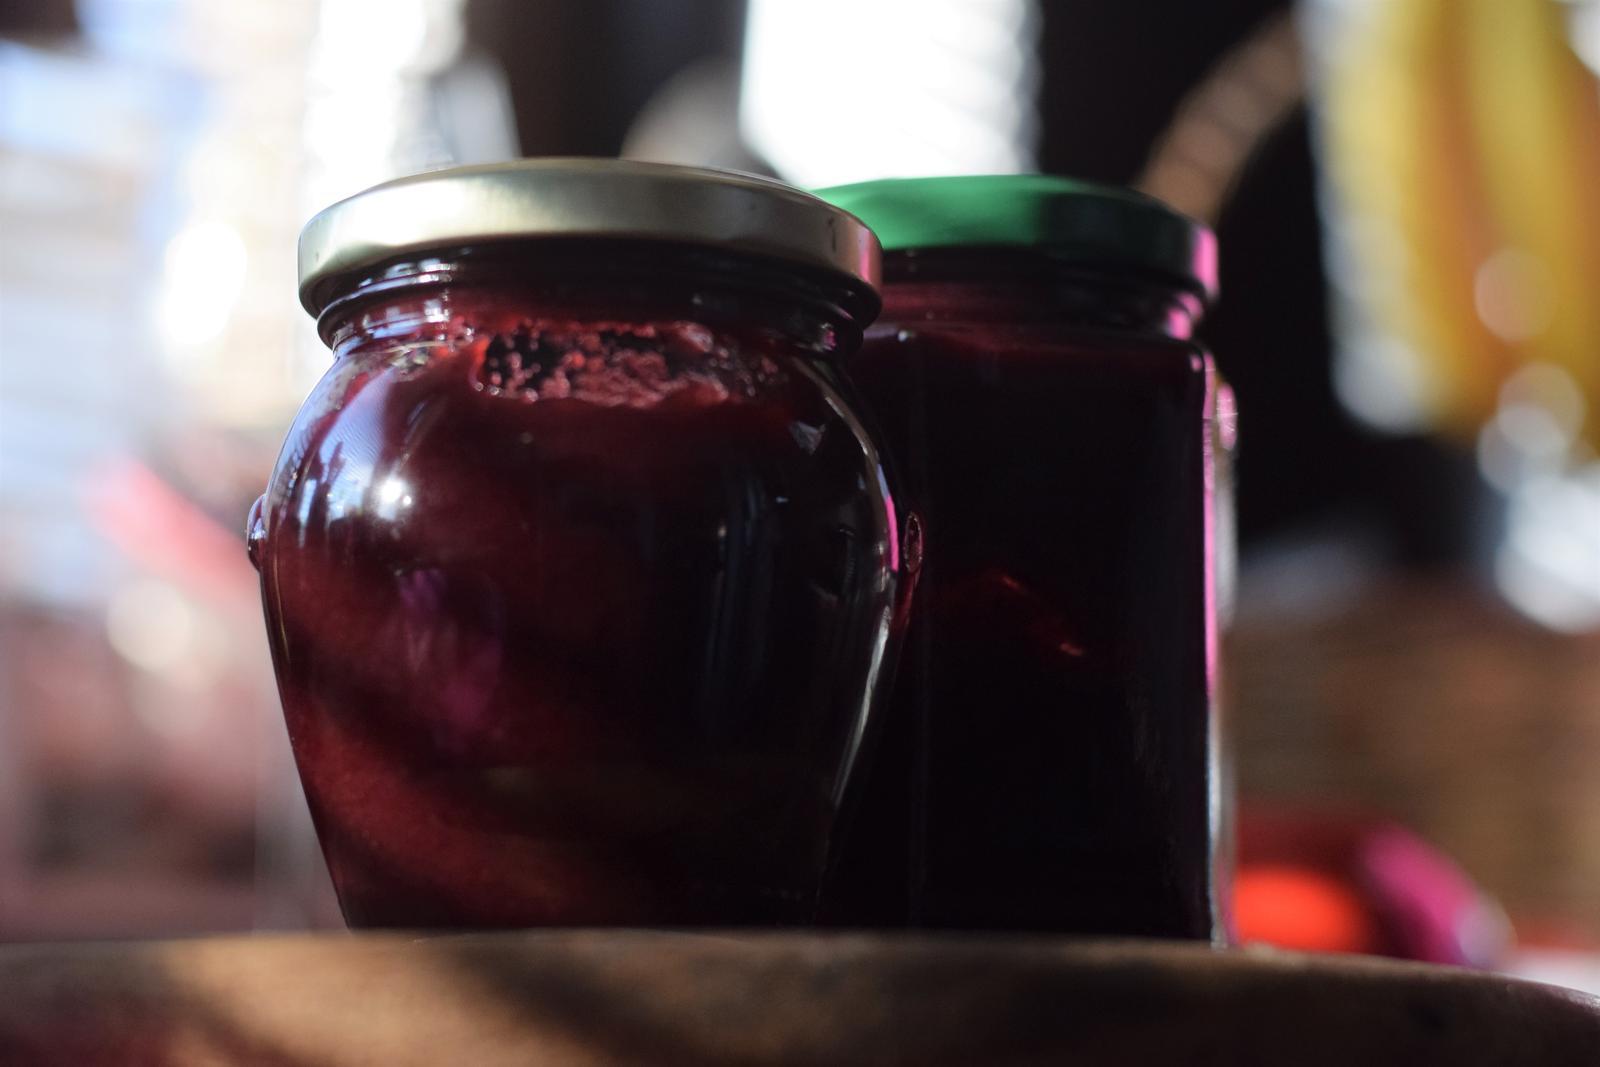 Ako spotrebovať dary záhrady/ Recepty zo záhrady - Trnkovo - jablkový džem, foto: Martina Töröková, recept: https://www.zahrada.sk/magazine/trnky-daju-sa-vyuzit-aj-ked-vam-nechutia